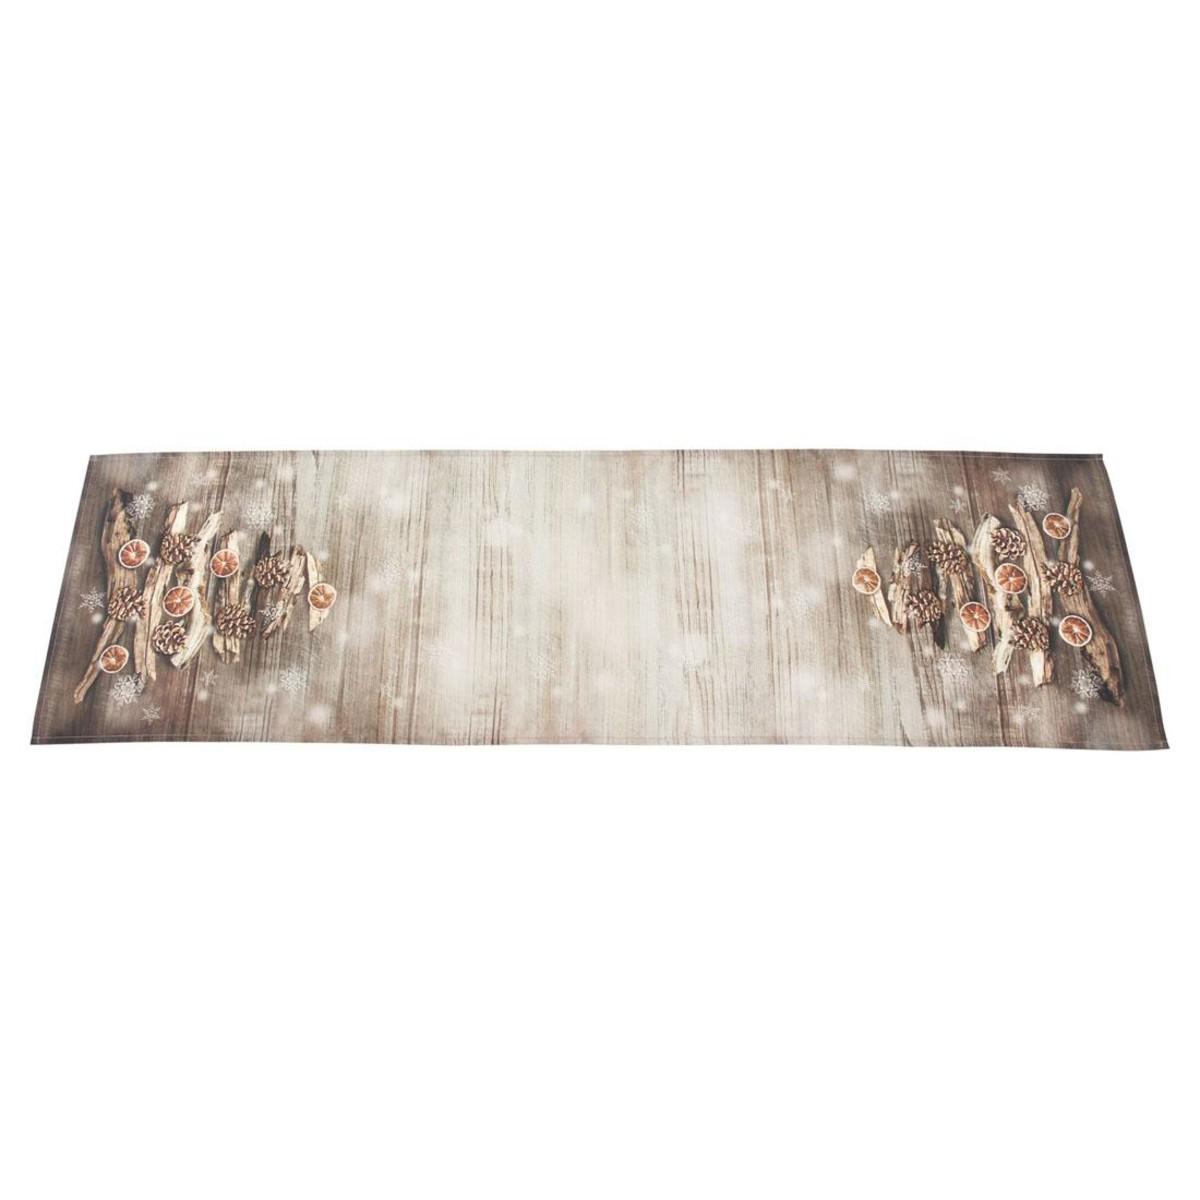 Дорожка на стол Хит-декор Волшебное время 07720 140х40 см